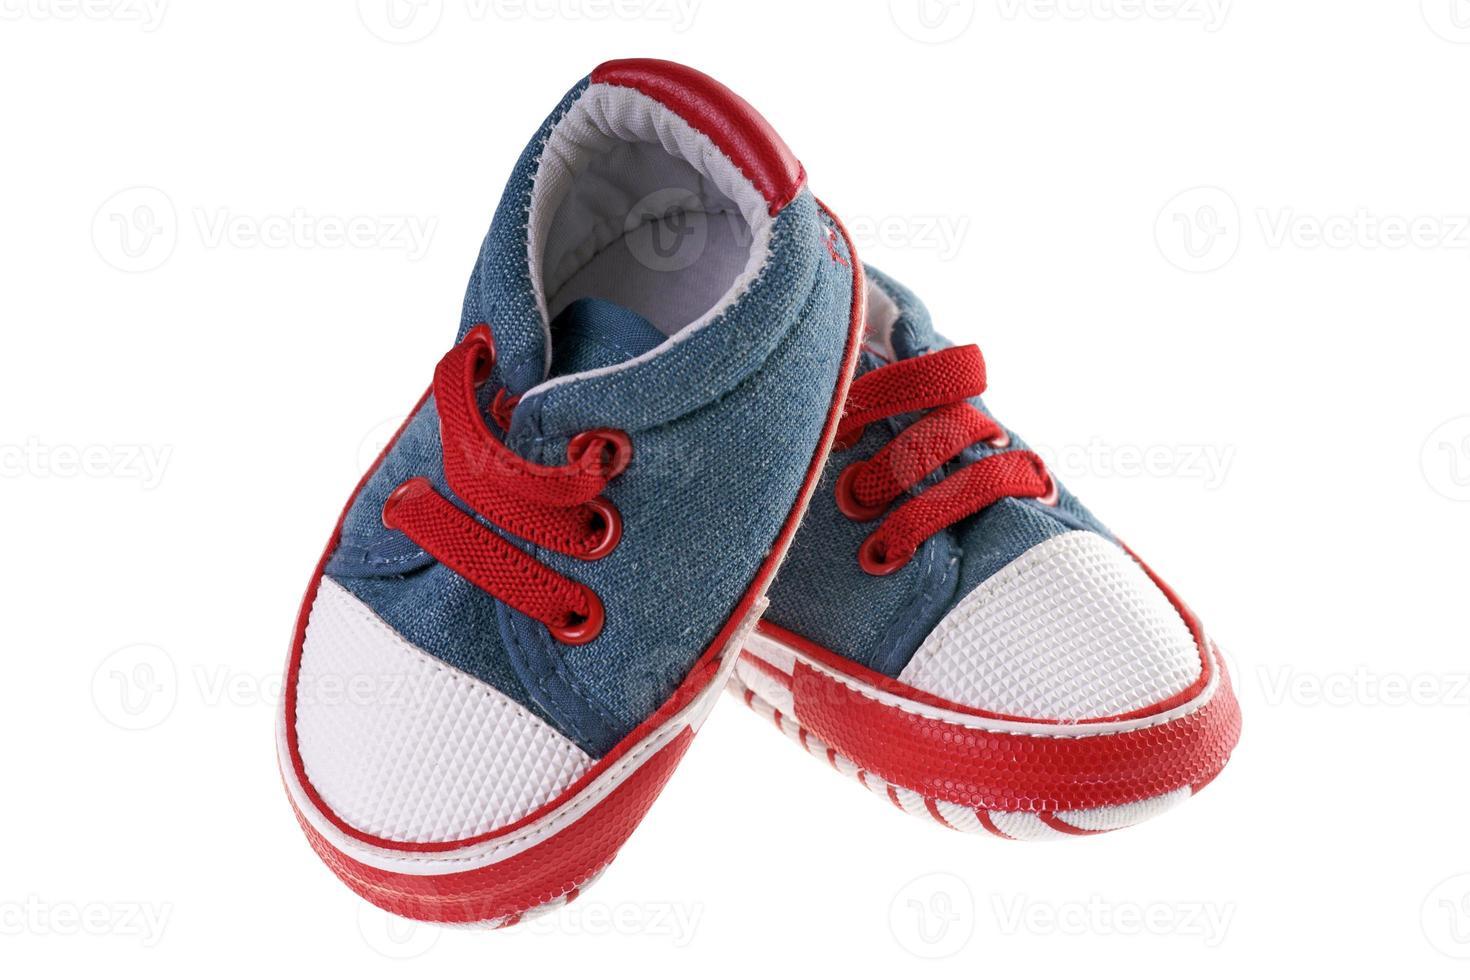 Scarpe per neonato foto